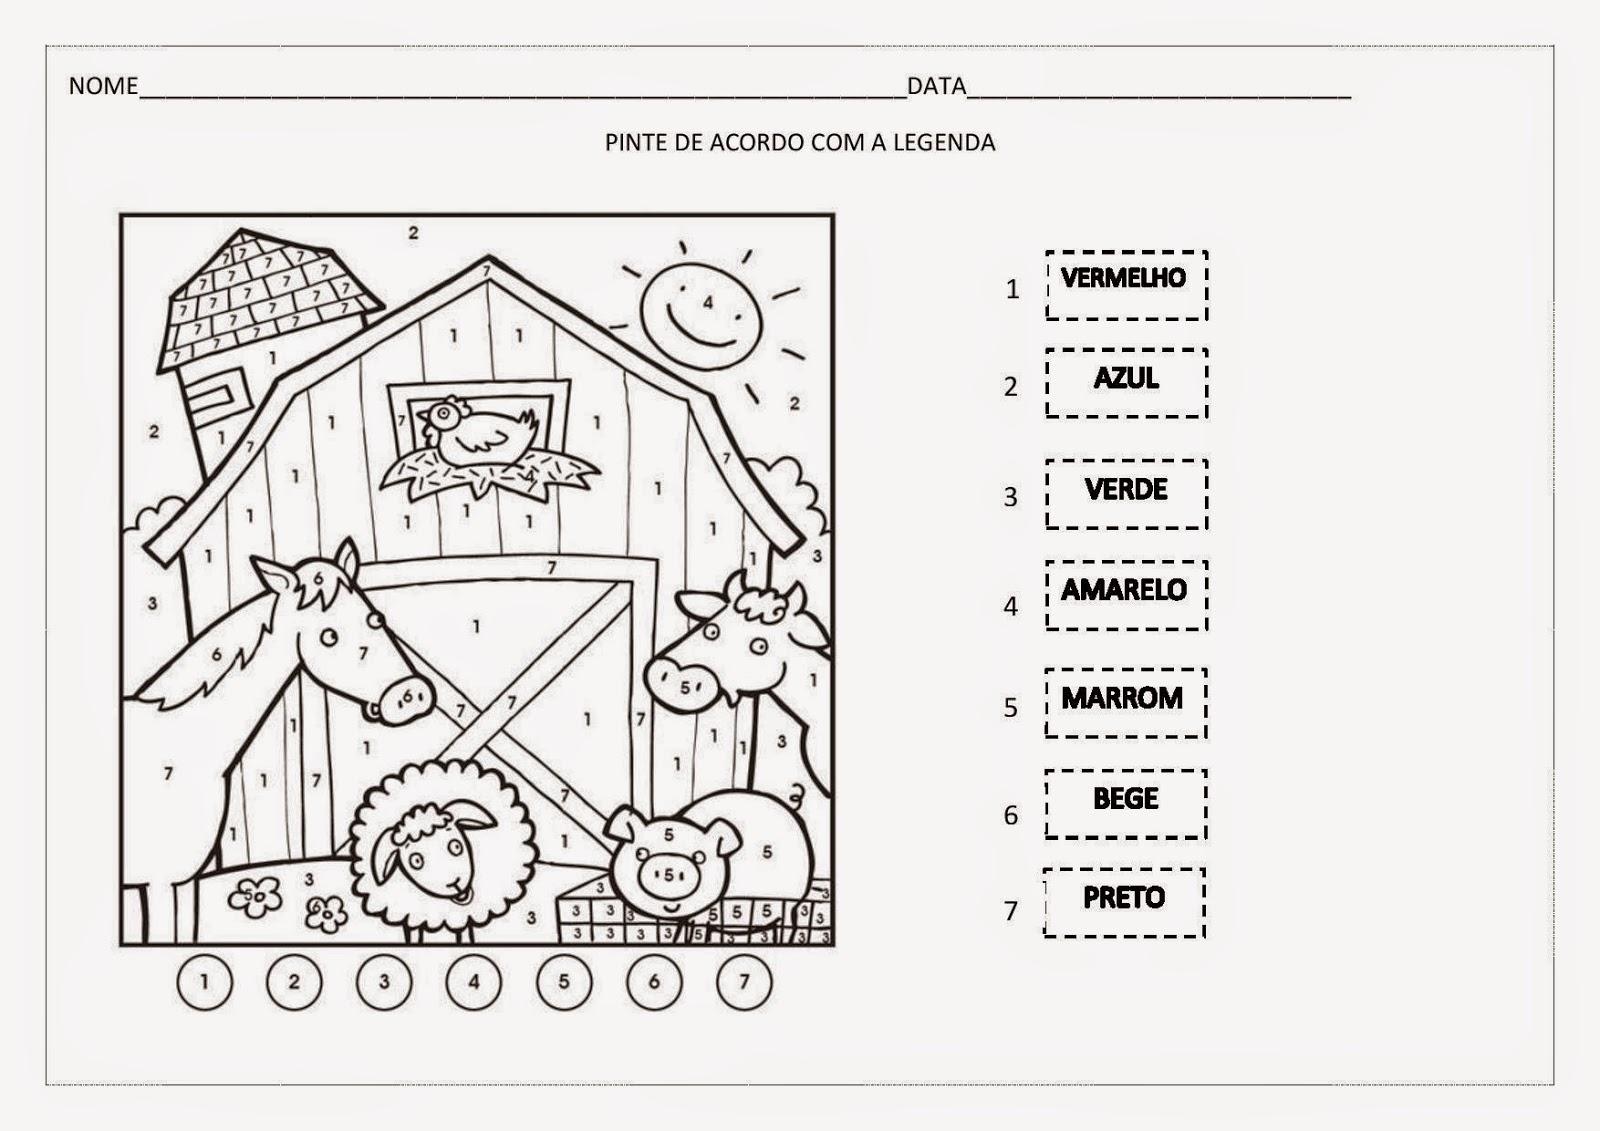 Educa C3 A7 C3 A3o Infantil Ver C3 A3o Page 003